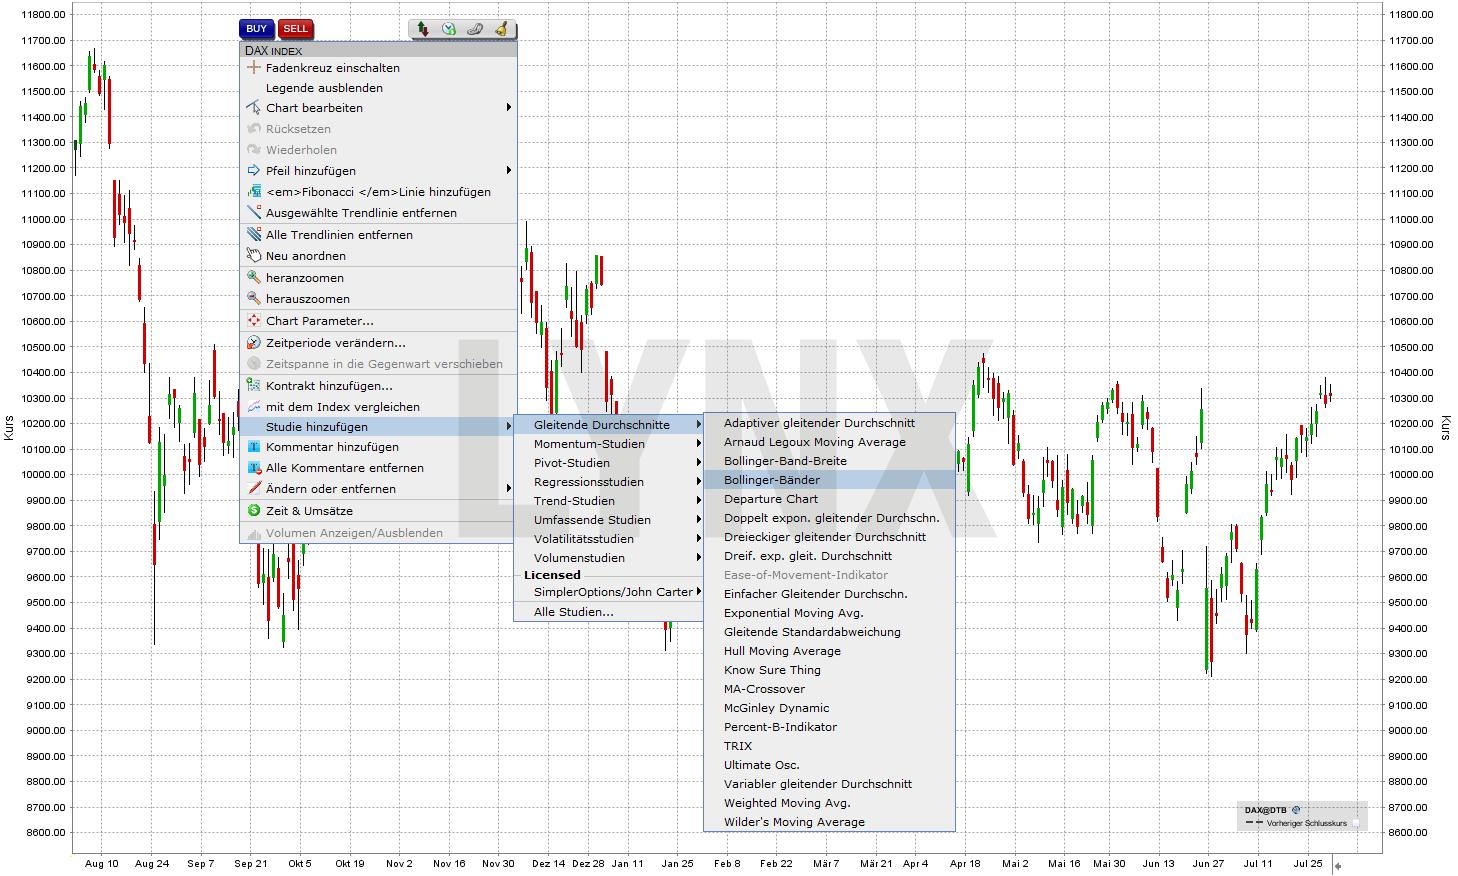 20160729-bollinger-baender-Indikator-Handelsplatform-LYNX